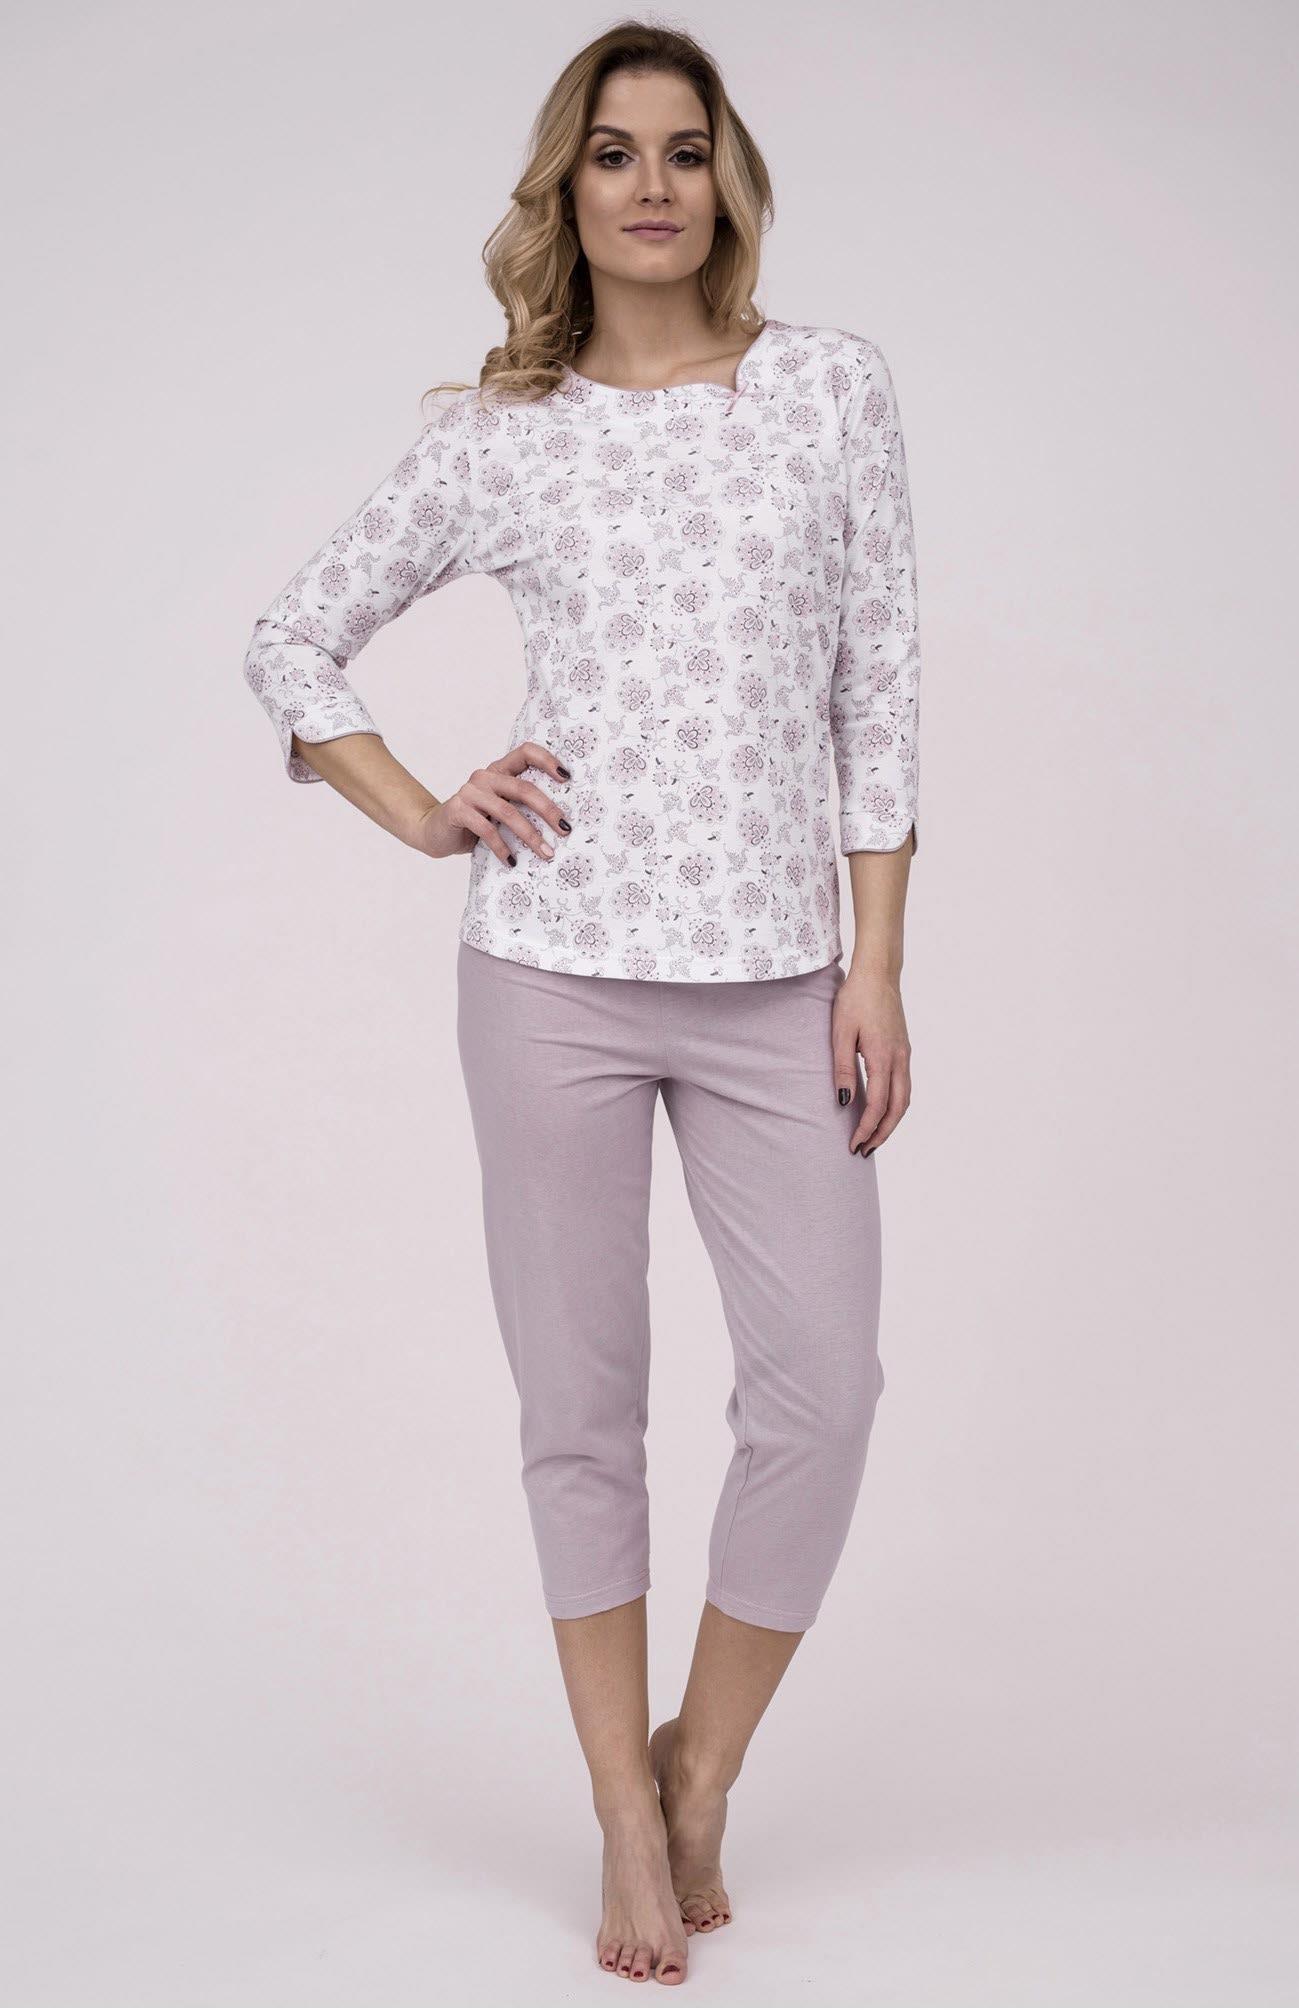 f7399a9d52f3 Dámske bavlnené pyžamo Cana 180. Prinášame Vám novú kolekciu dámske pyžamá  jar-leto 2018